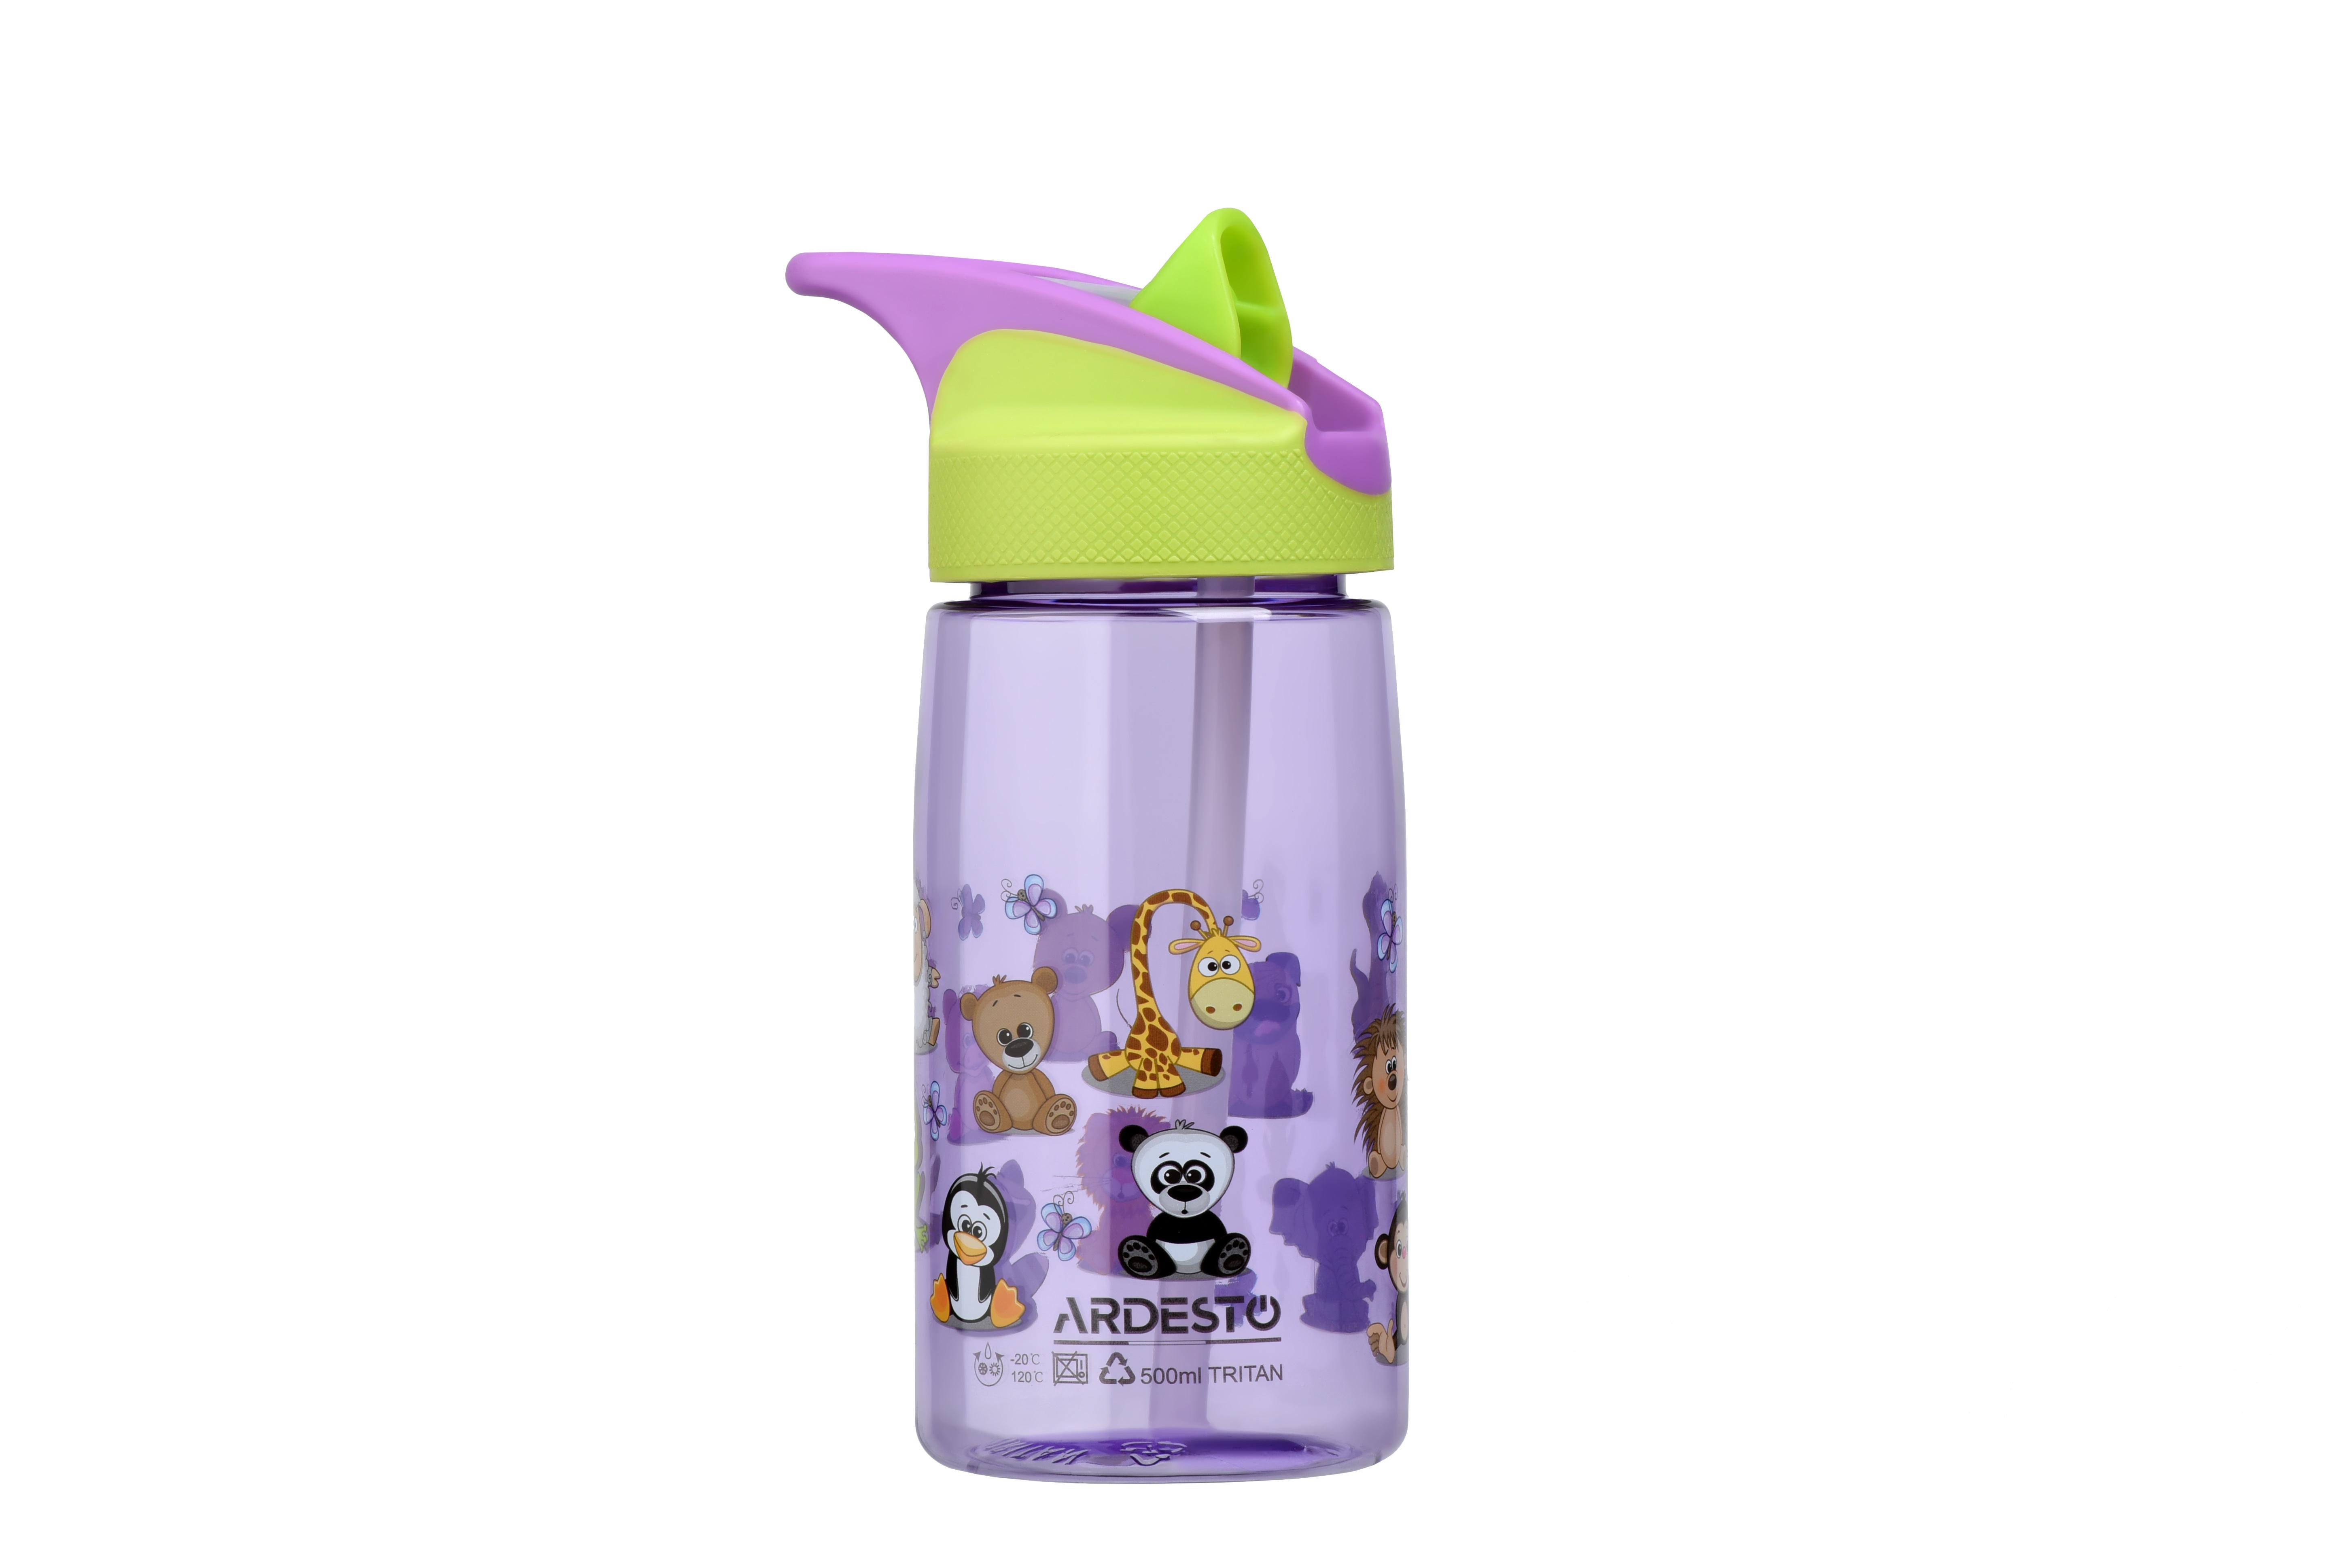 ARDESTO Бутылка для воды детская[Funny Animals]